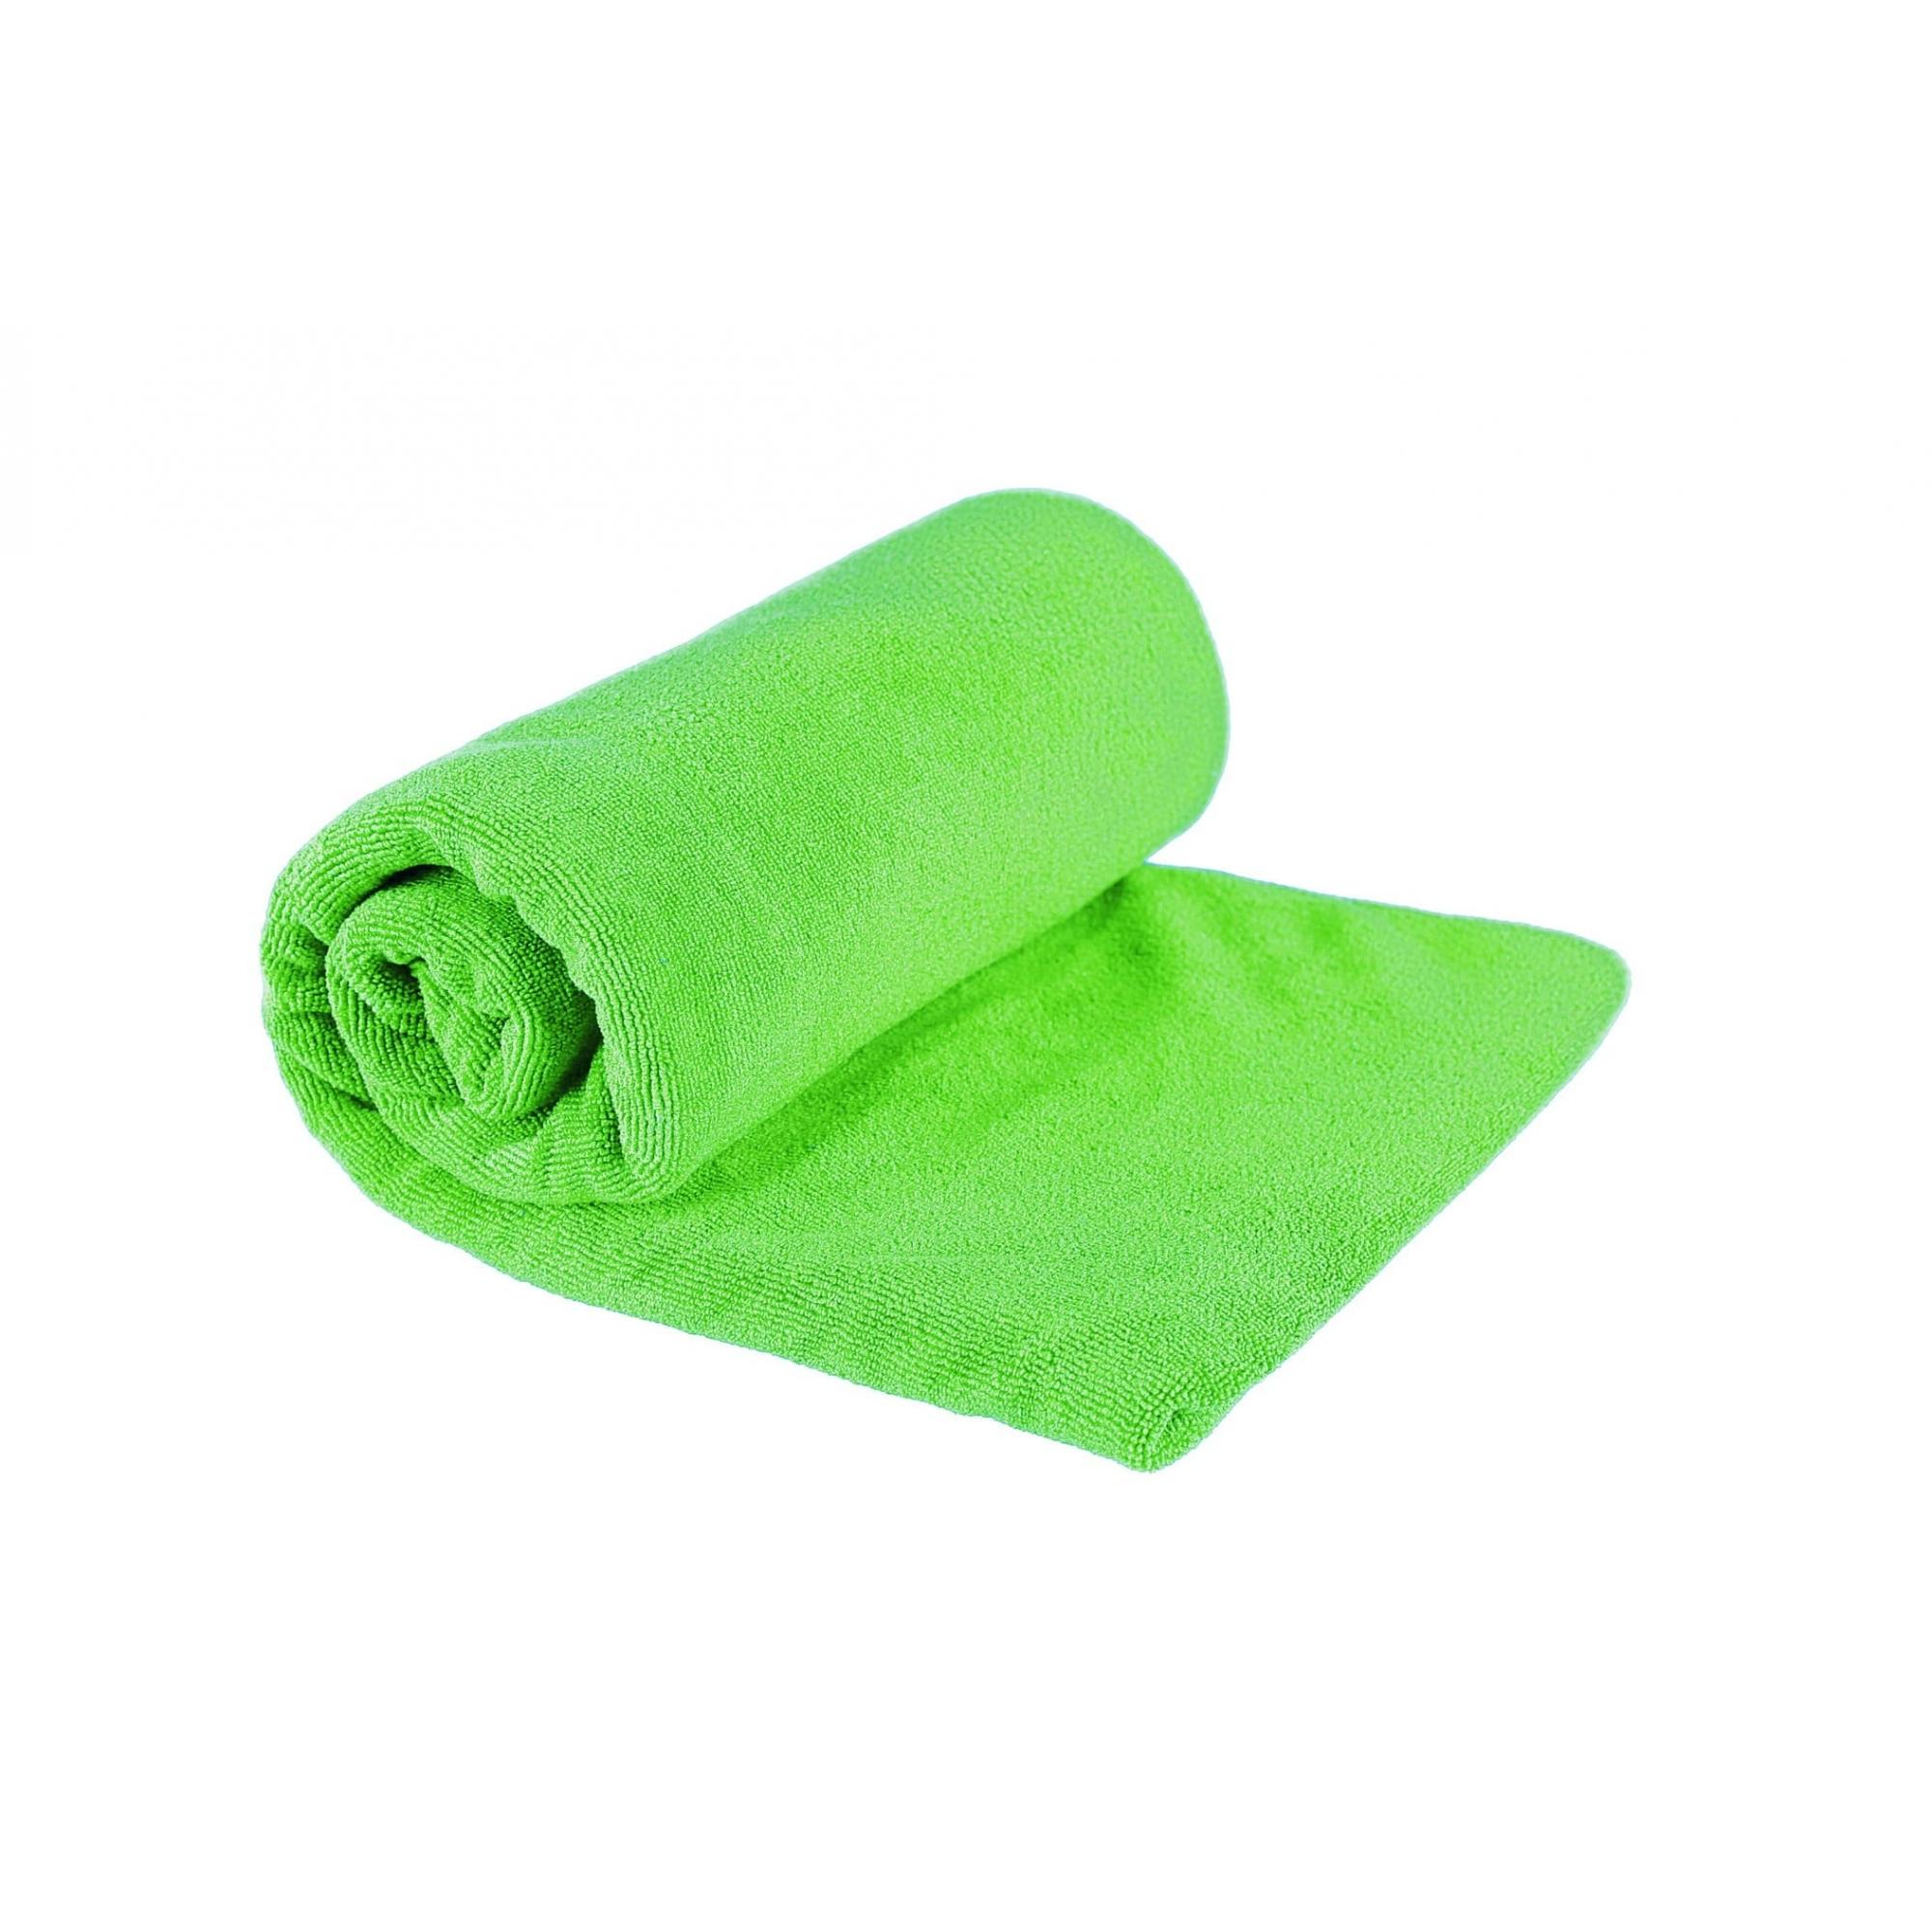 Toalha Tek Towel Grande Sea To Summit